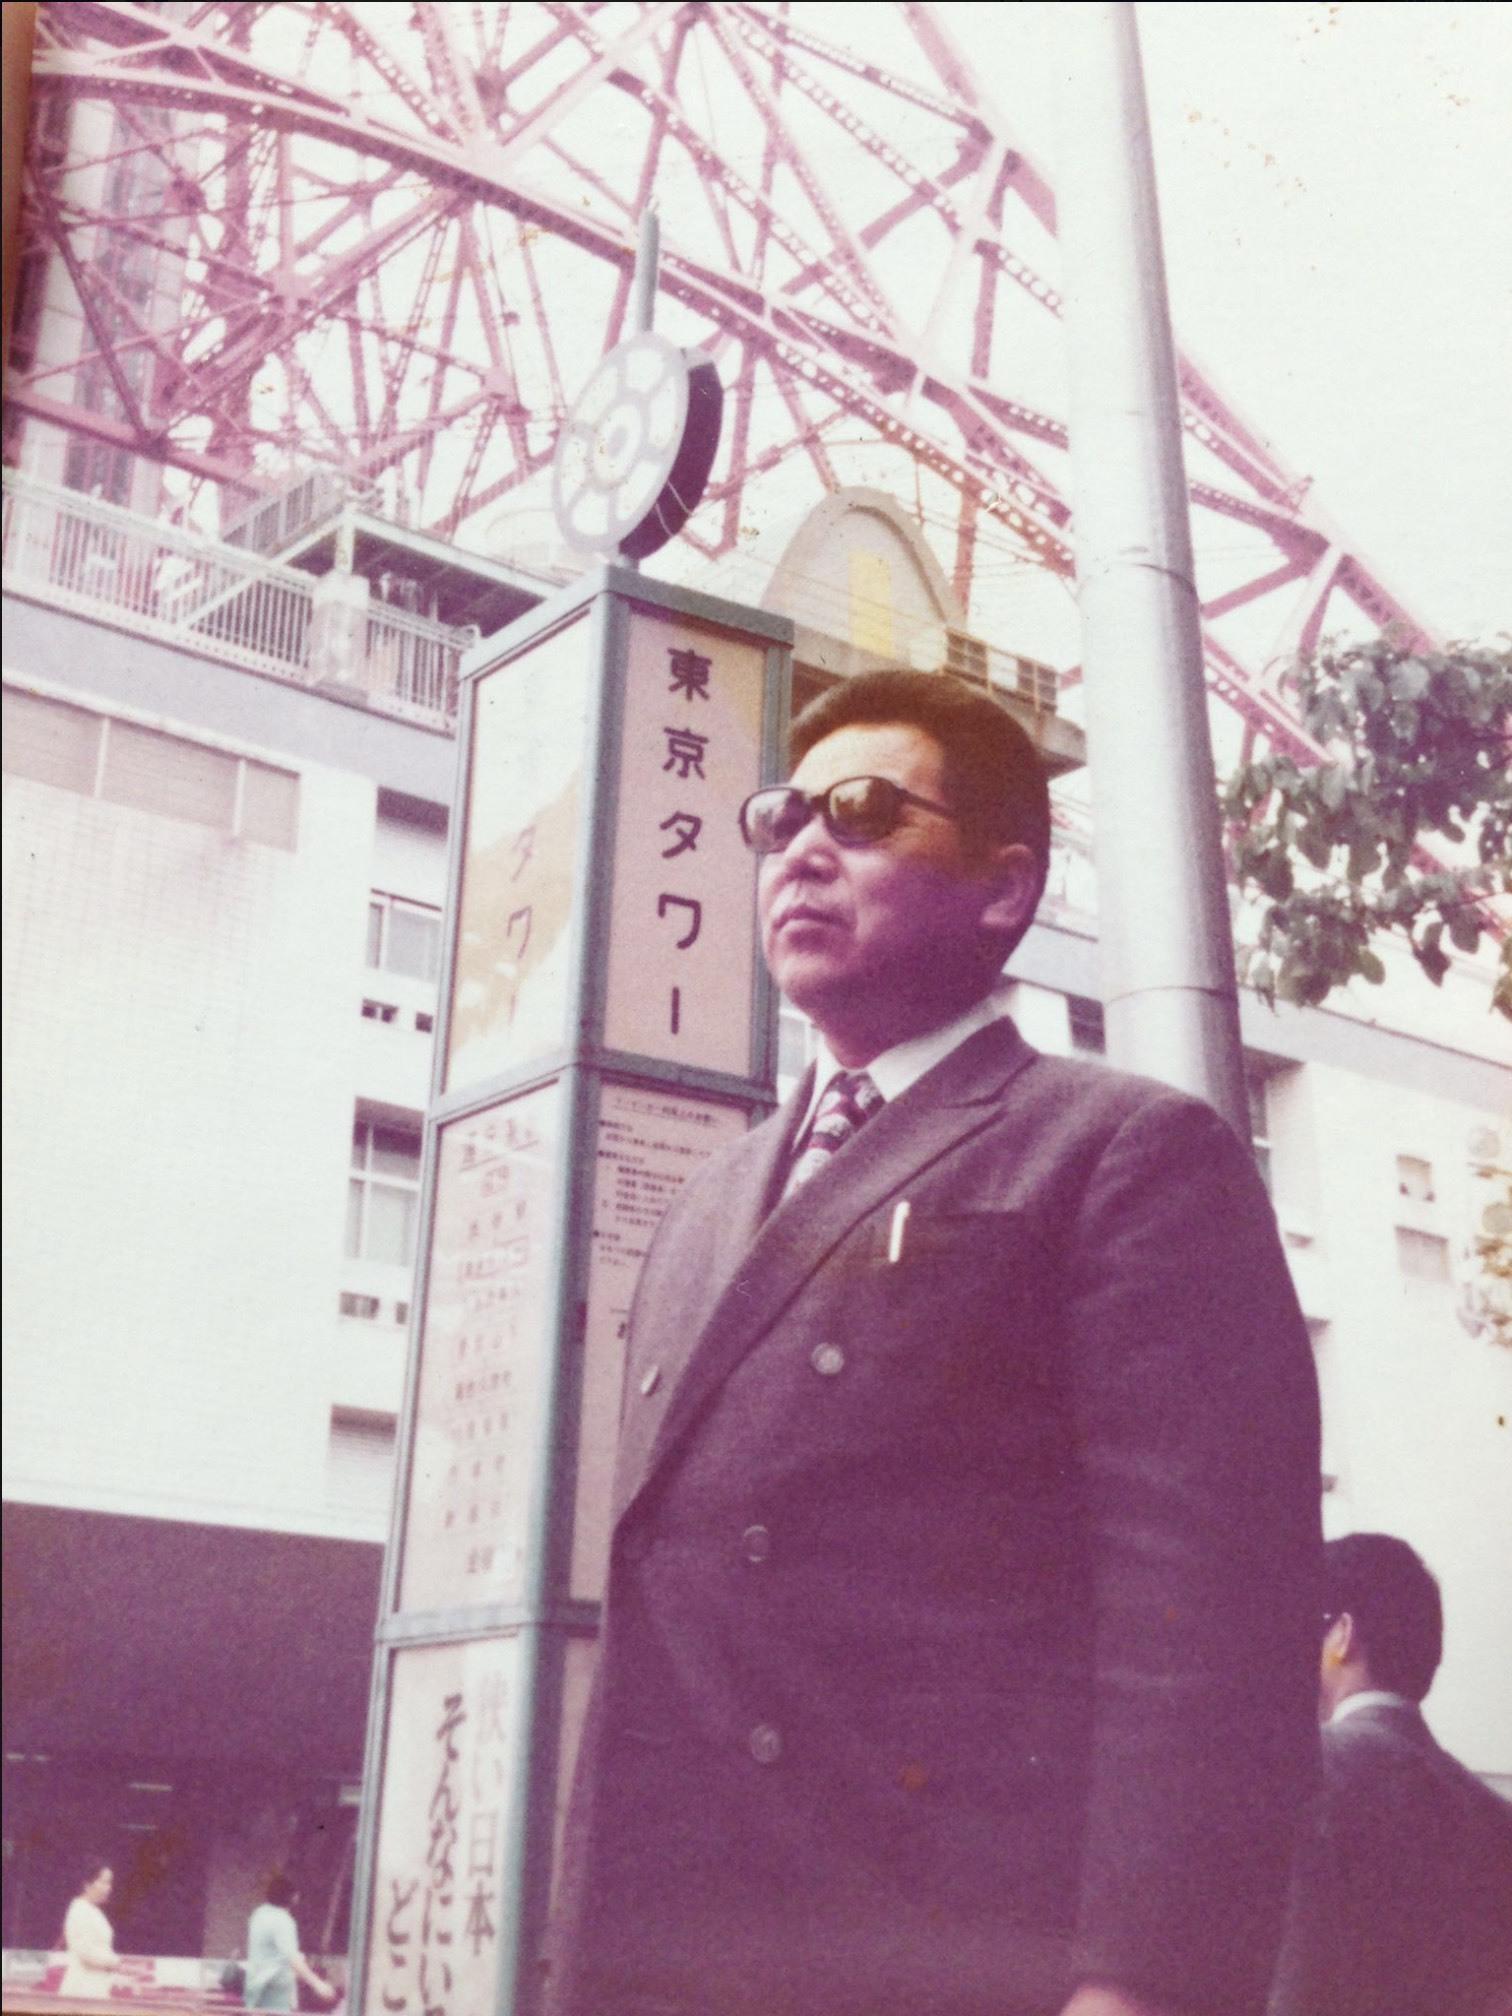 昭和 東京タワーとプロレス好きの祖父_d0321296_20425463.jpg